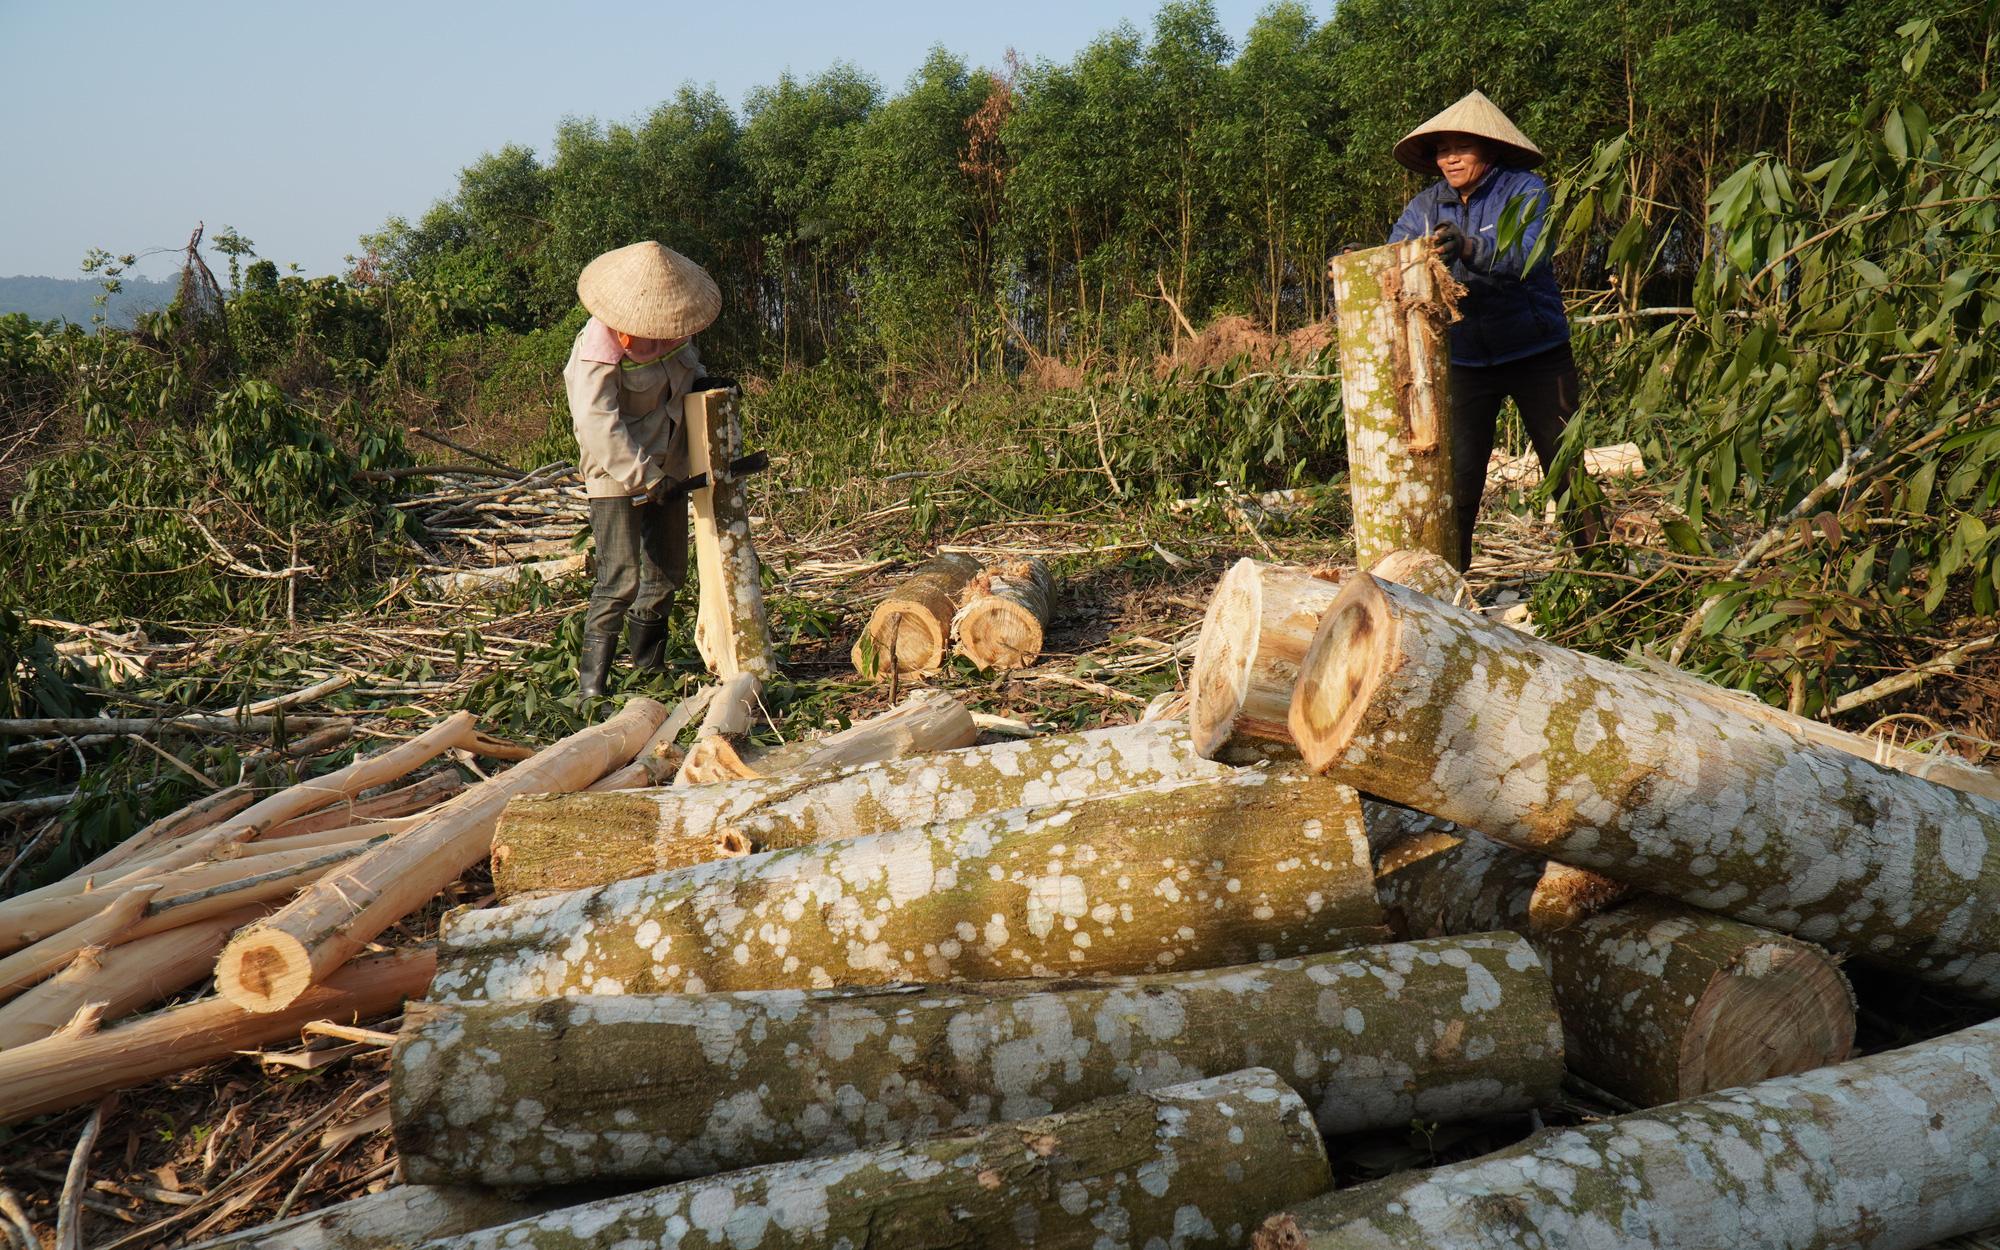 Quần quật chặt cưa, khuân vác gỗ cả ngày chỉ được 150.000 đồng